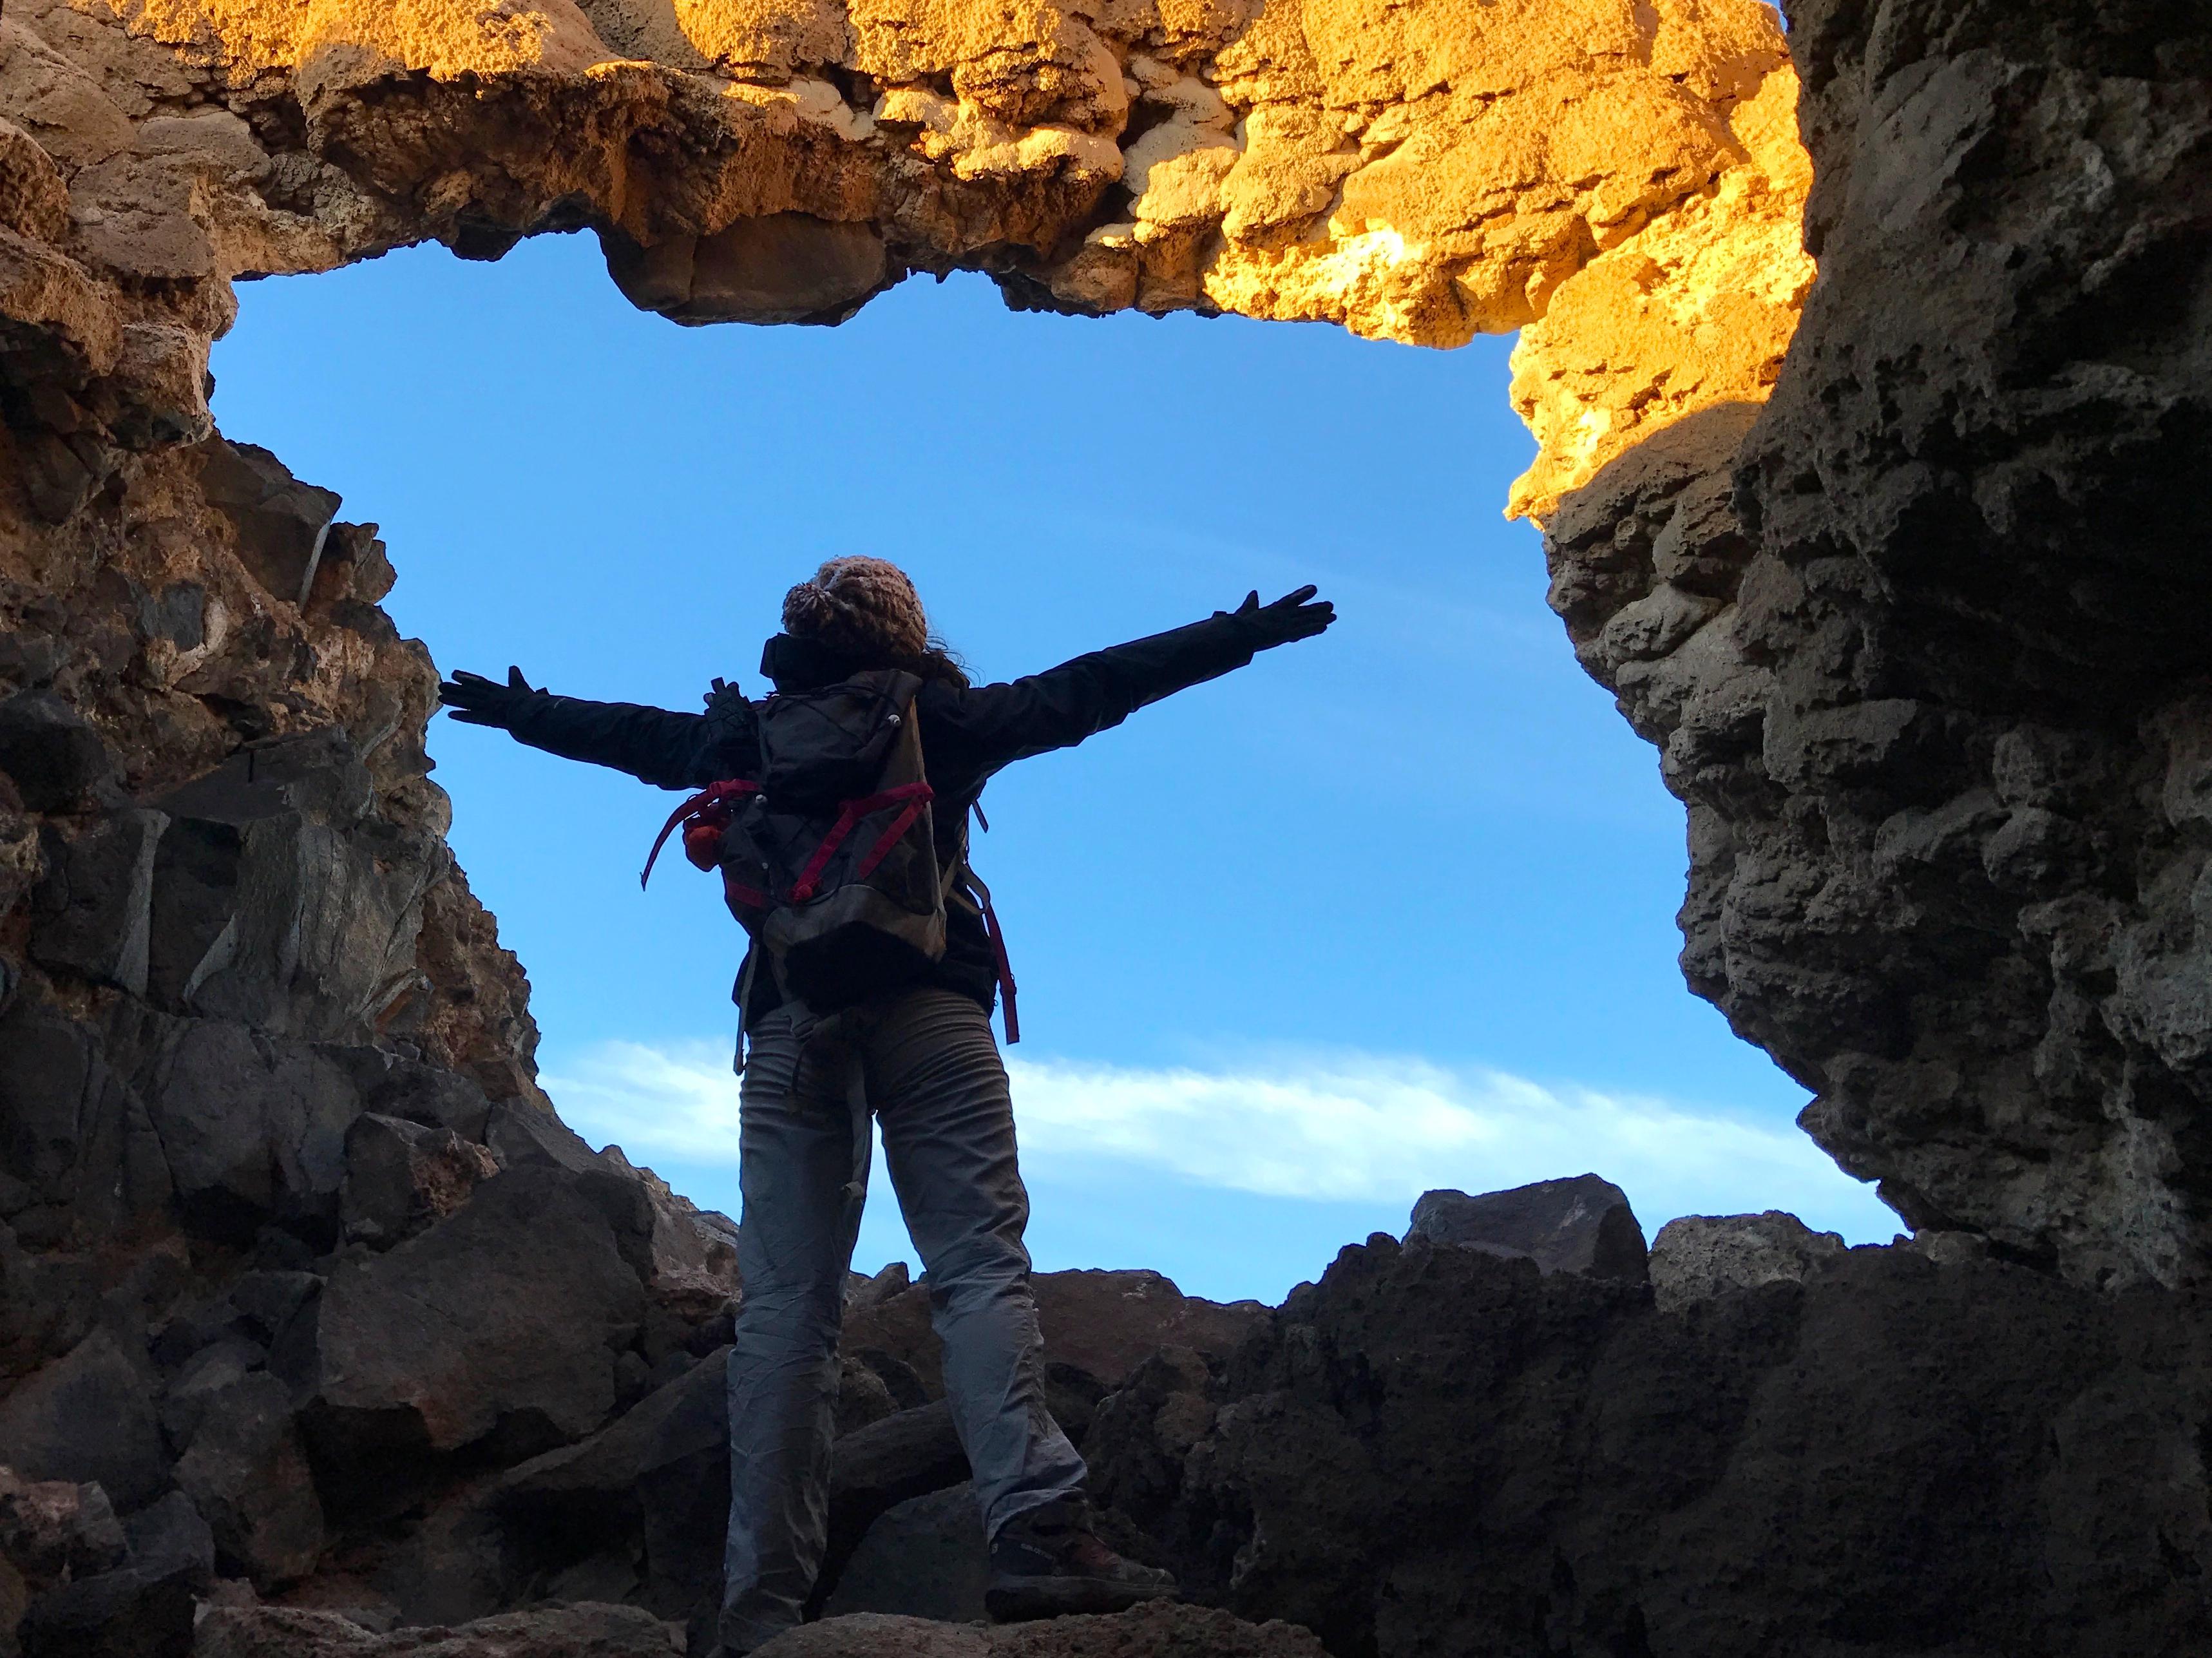 9 mois sur la route : comment le voyage me transforme